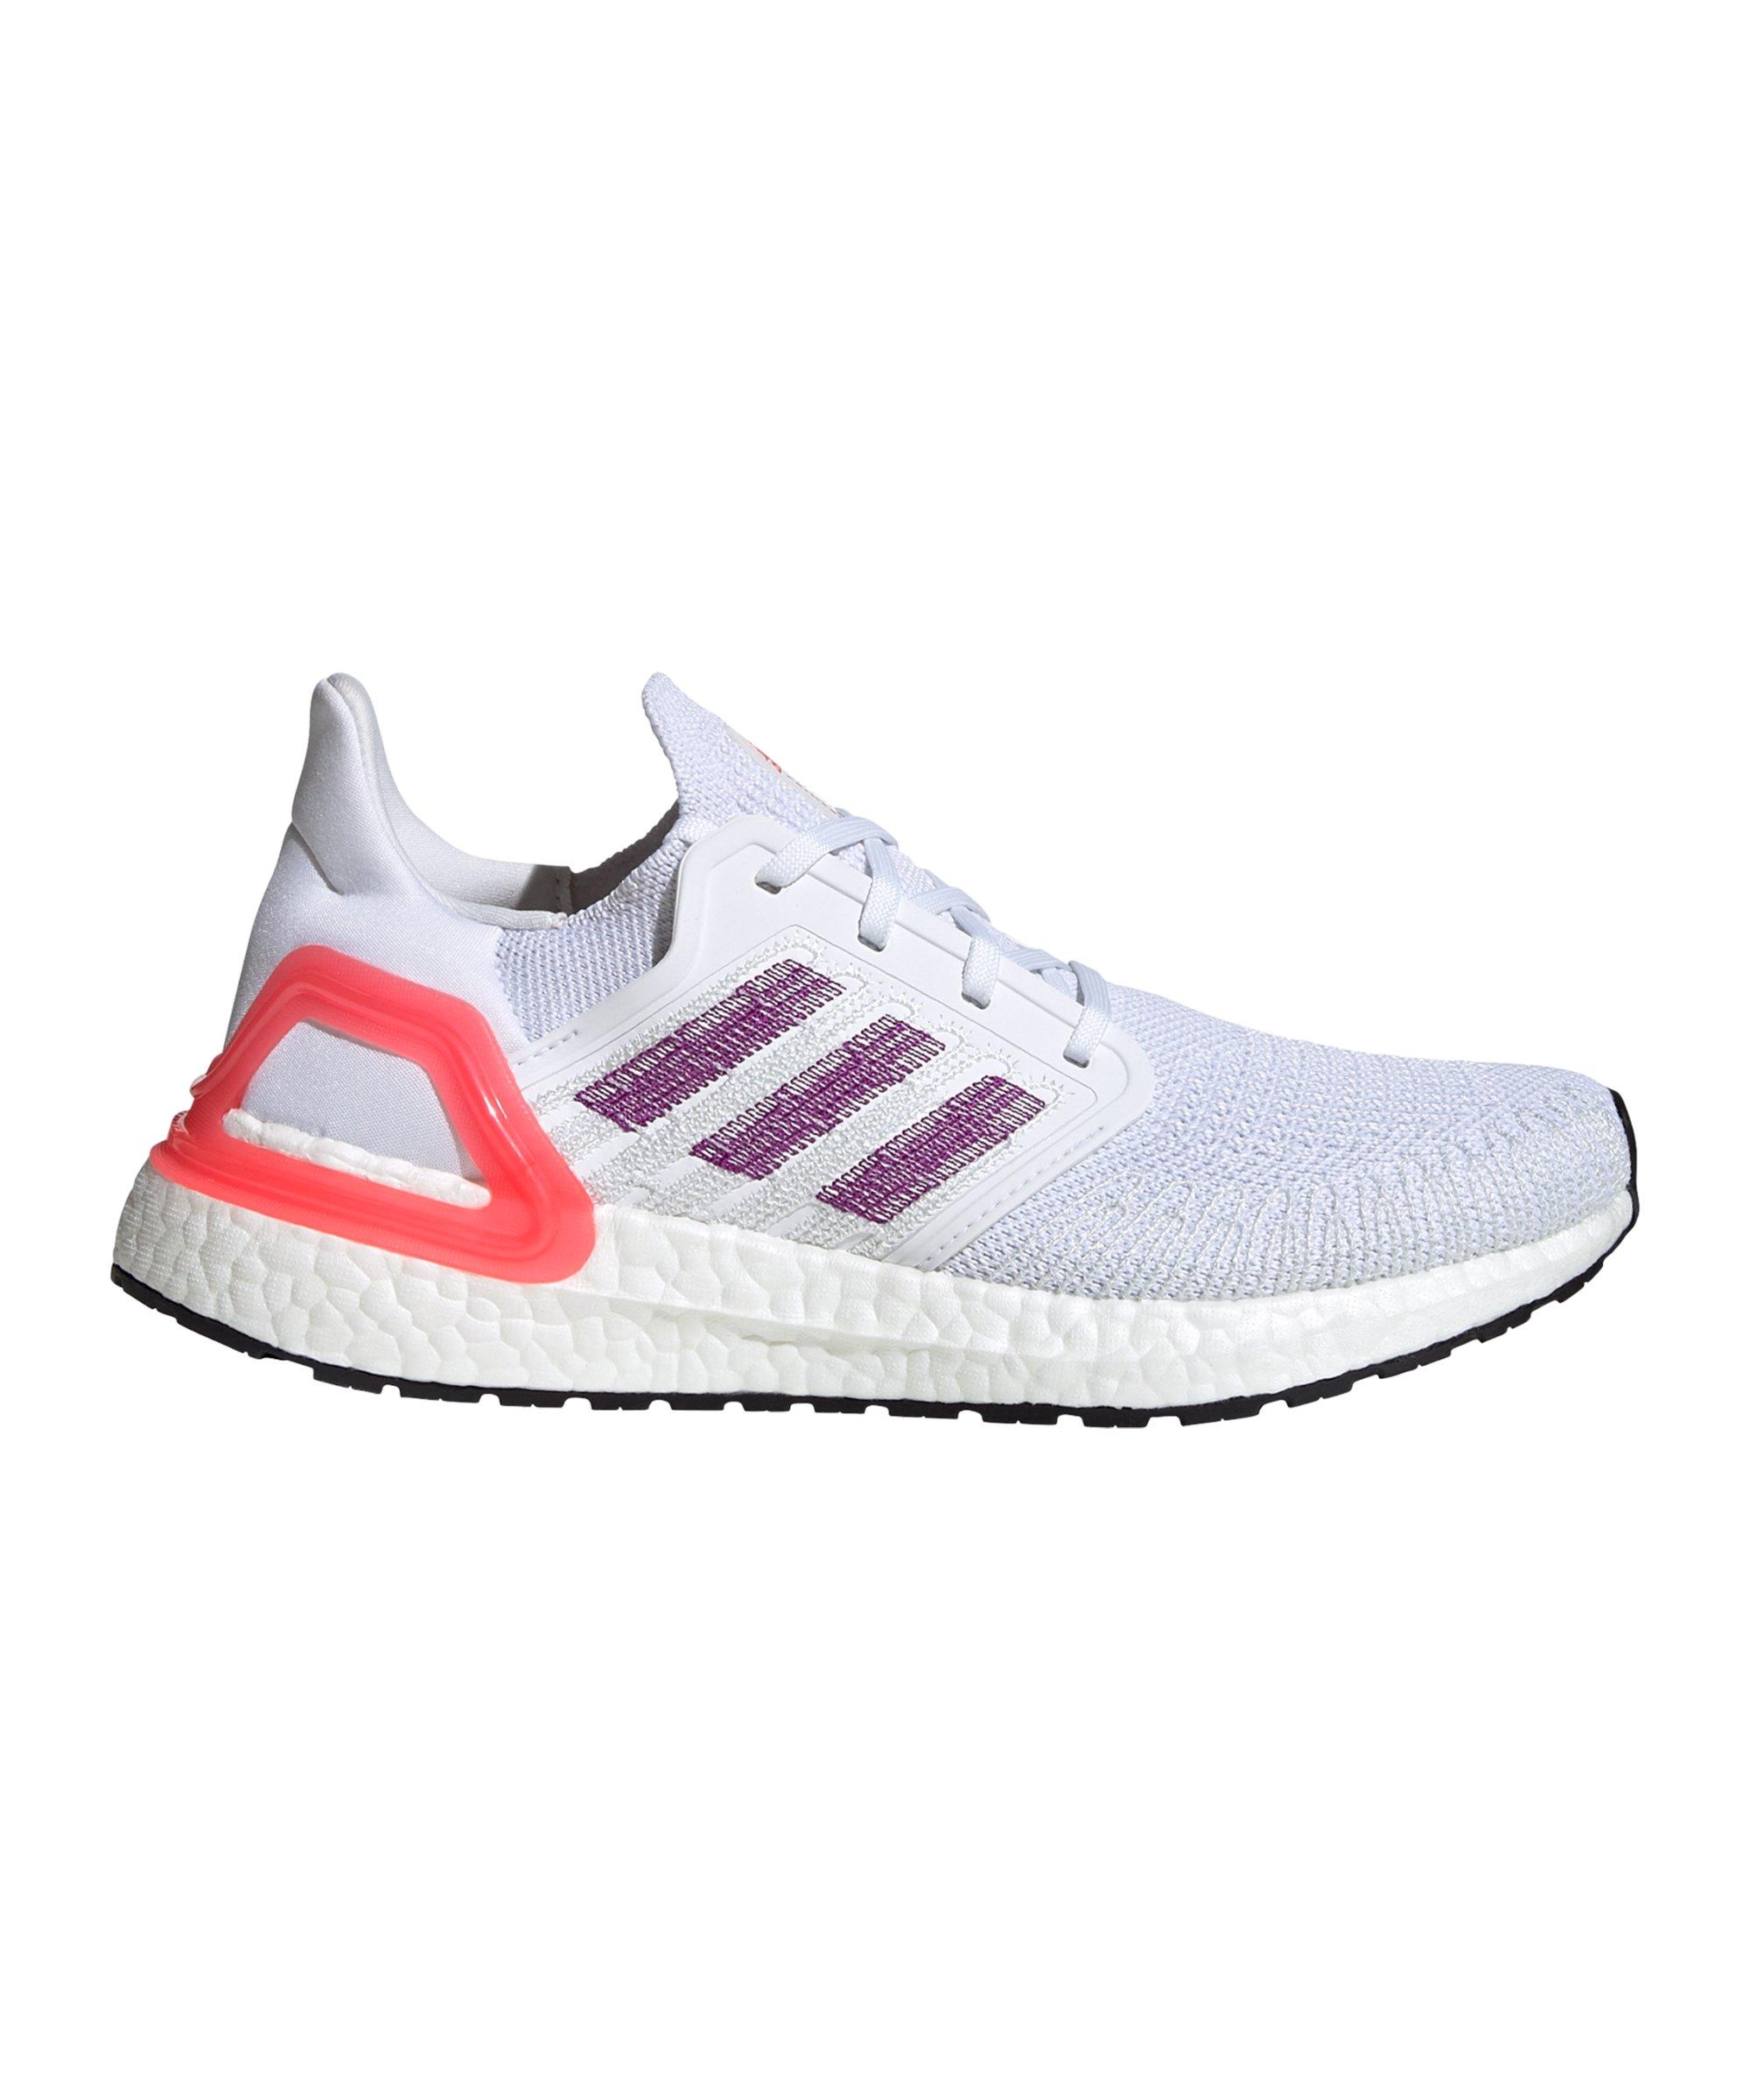 adidas Ultra Boost 20 Running Damen Weiss Pink